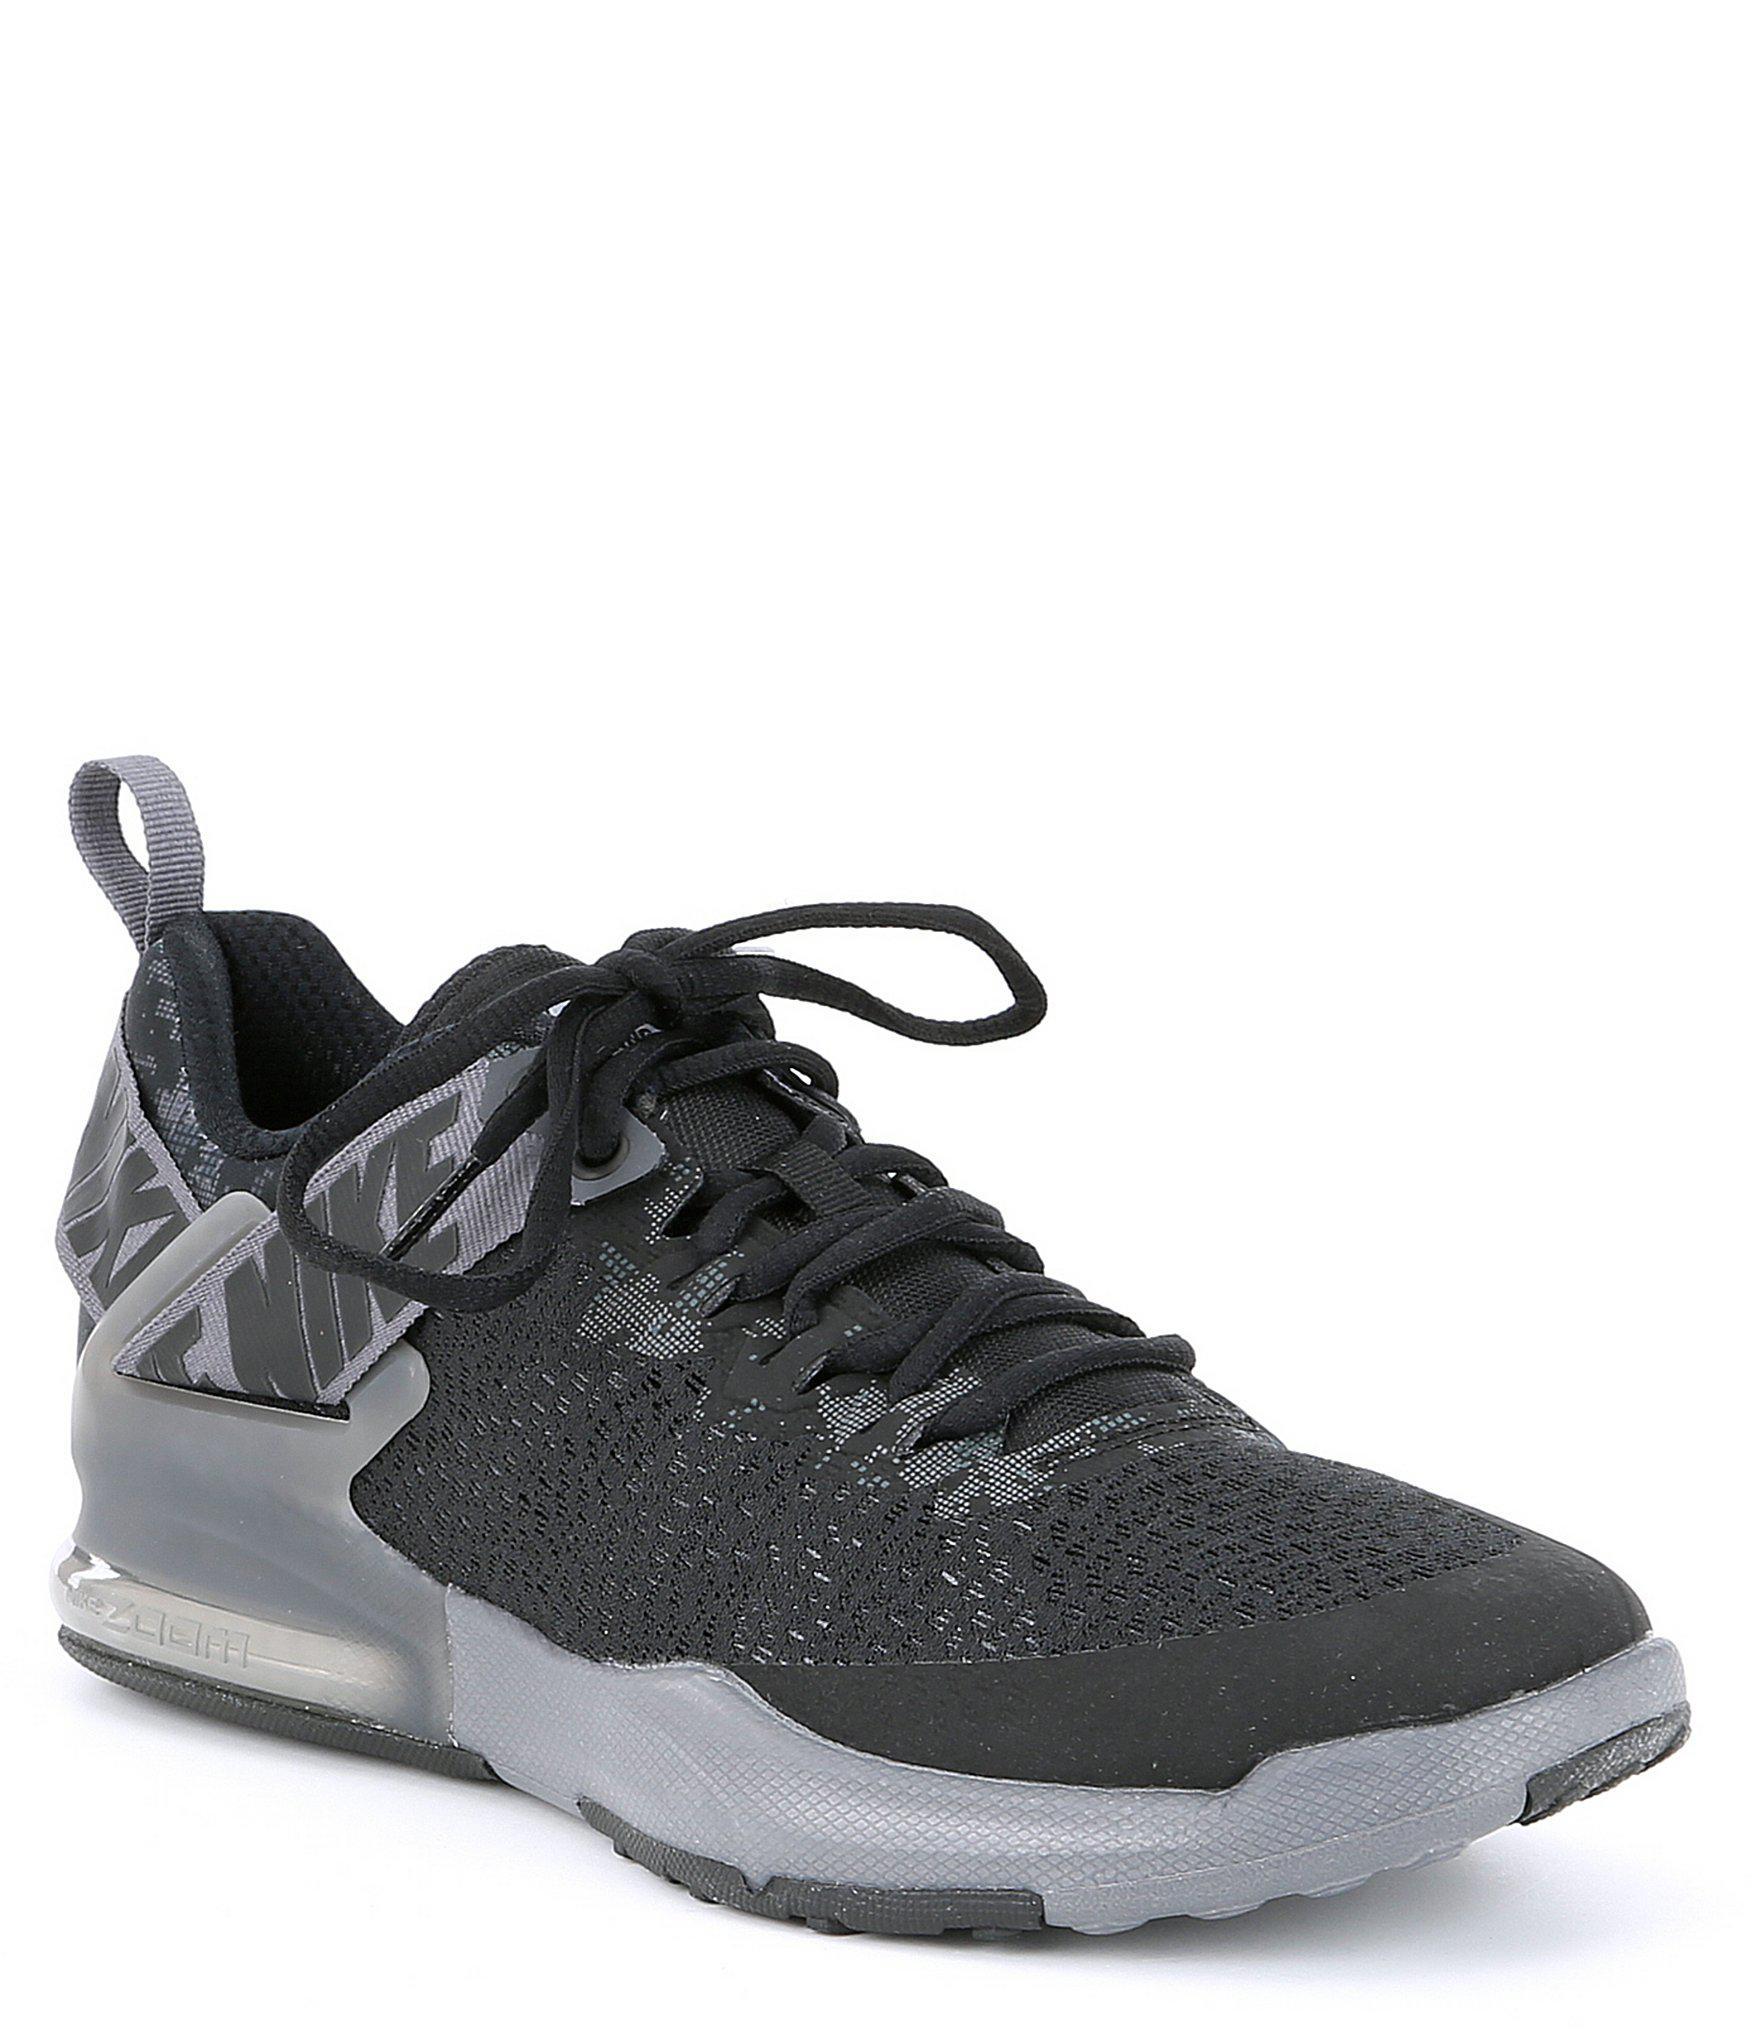 75e9b21eddb5e Lyst - Nike Men s Zoom Domination Tr 2 Training Shoe in Gray for Men